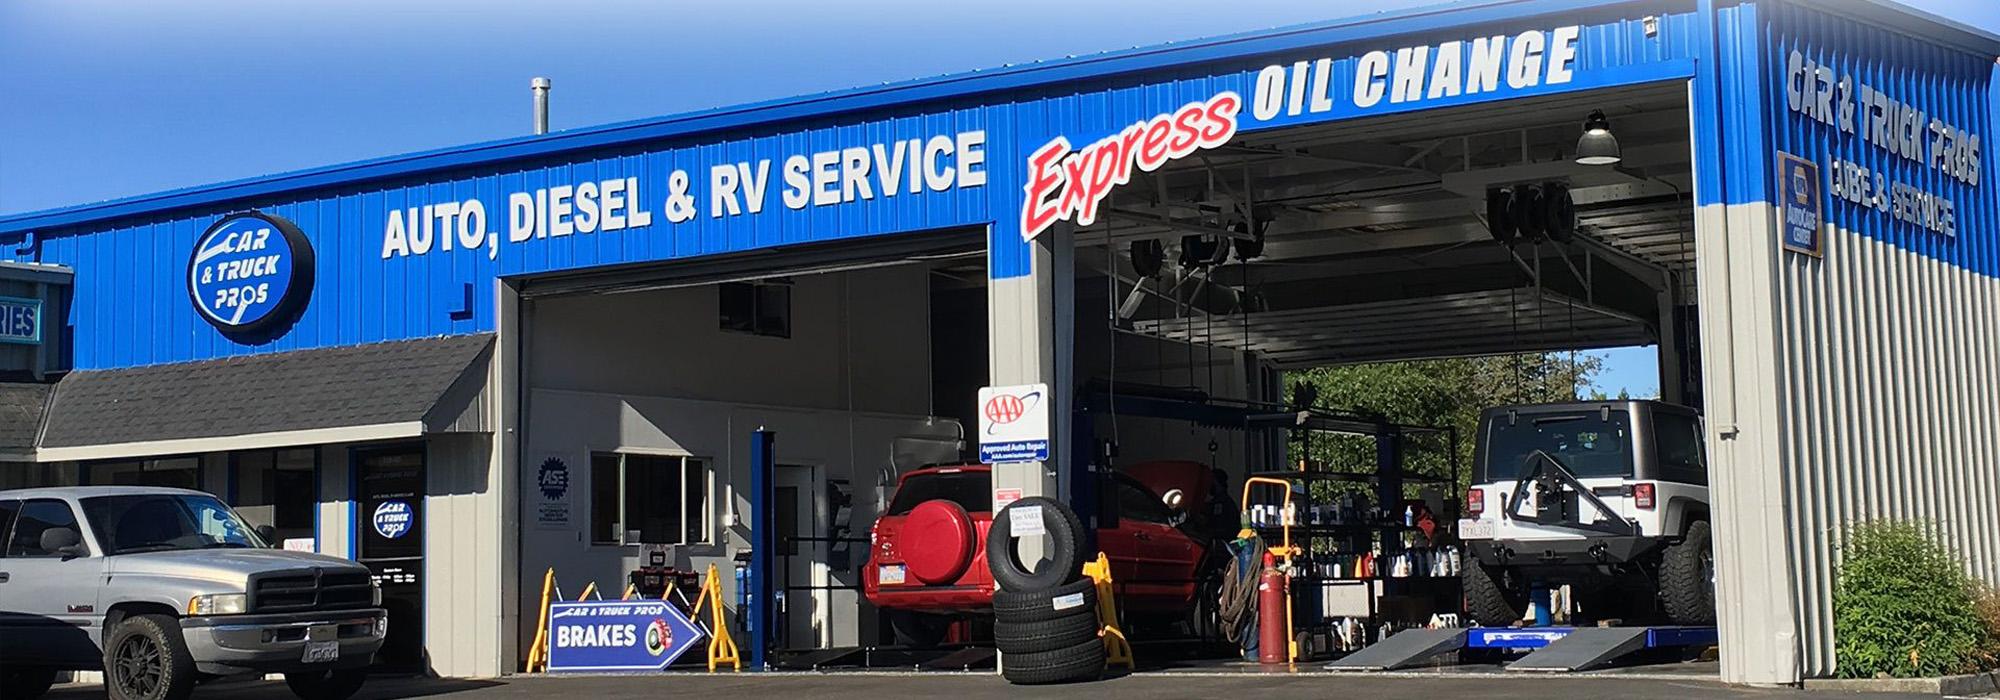 Auto, Diesel, & RV Service